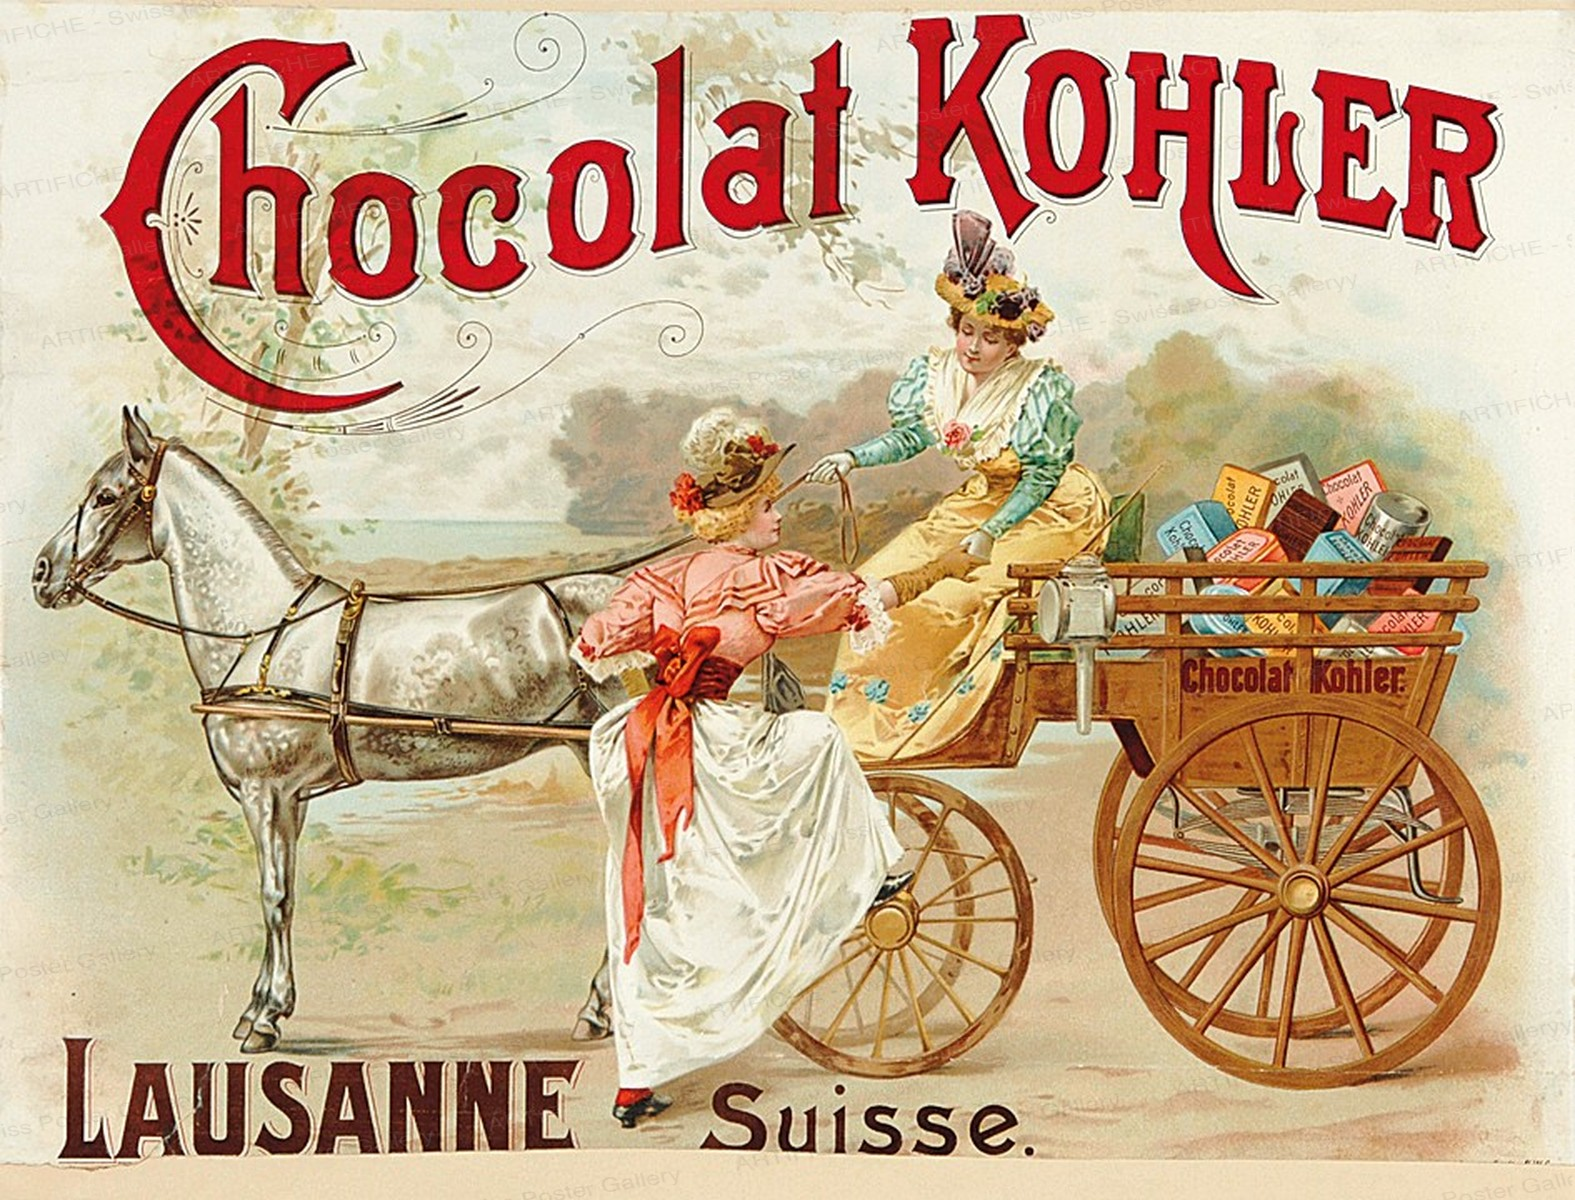 Chocolat Kohler Lausanne Suisse, Artist unknown